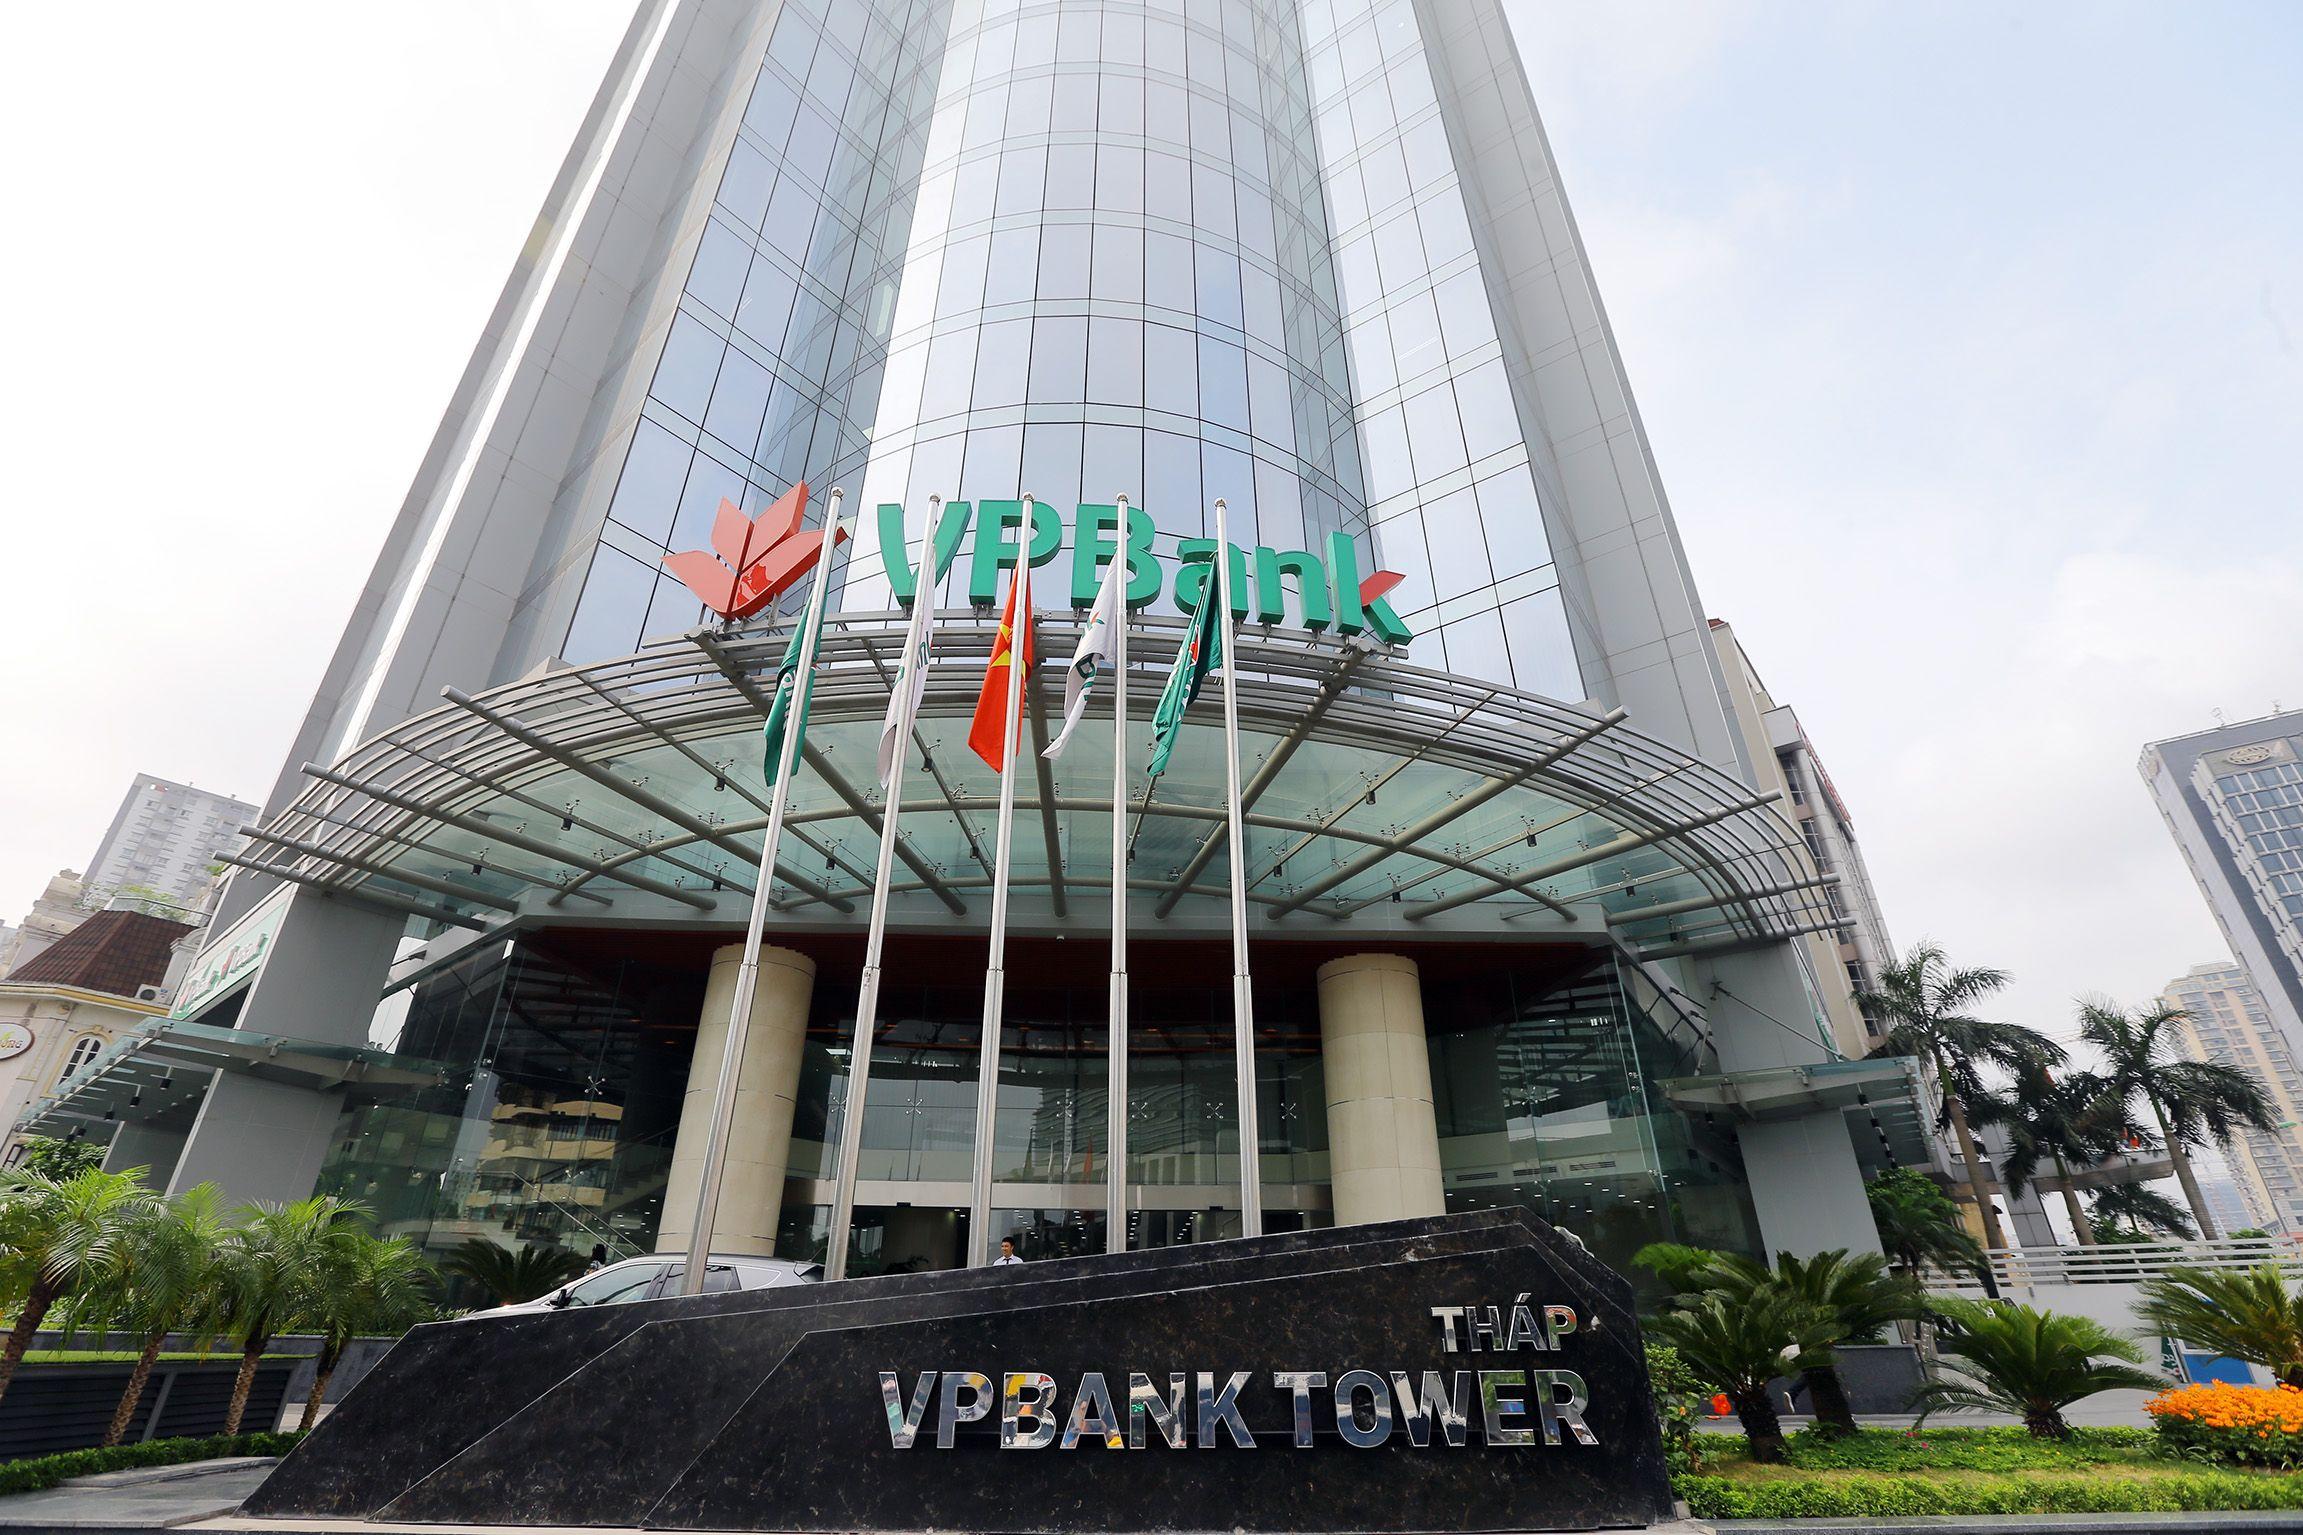 Triển vọng ngành ngân hàng quý 4/2021 từ góc nhìn vĩ mô – Cơ hội đầu tư đối với cổ phiếu VPB